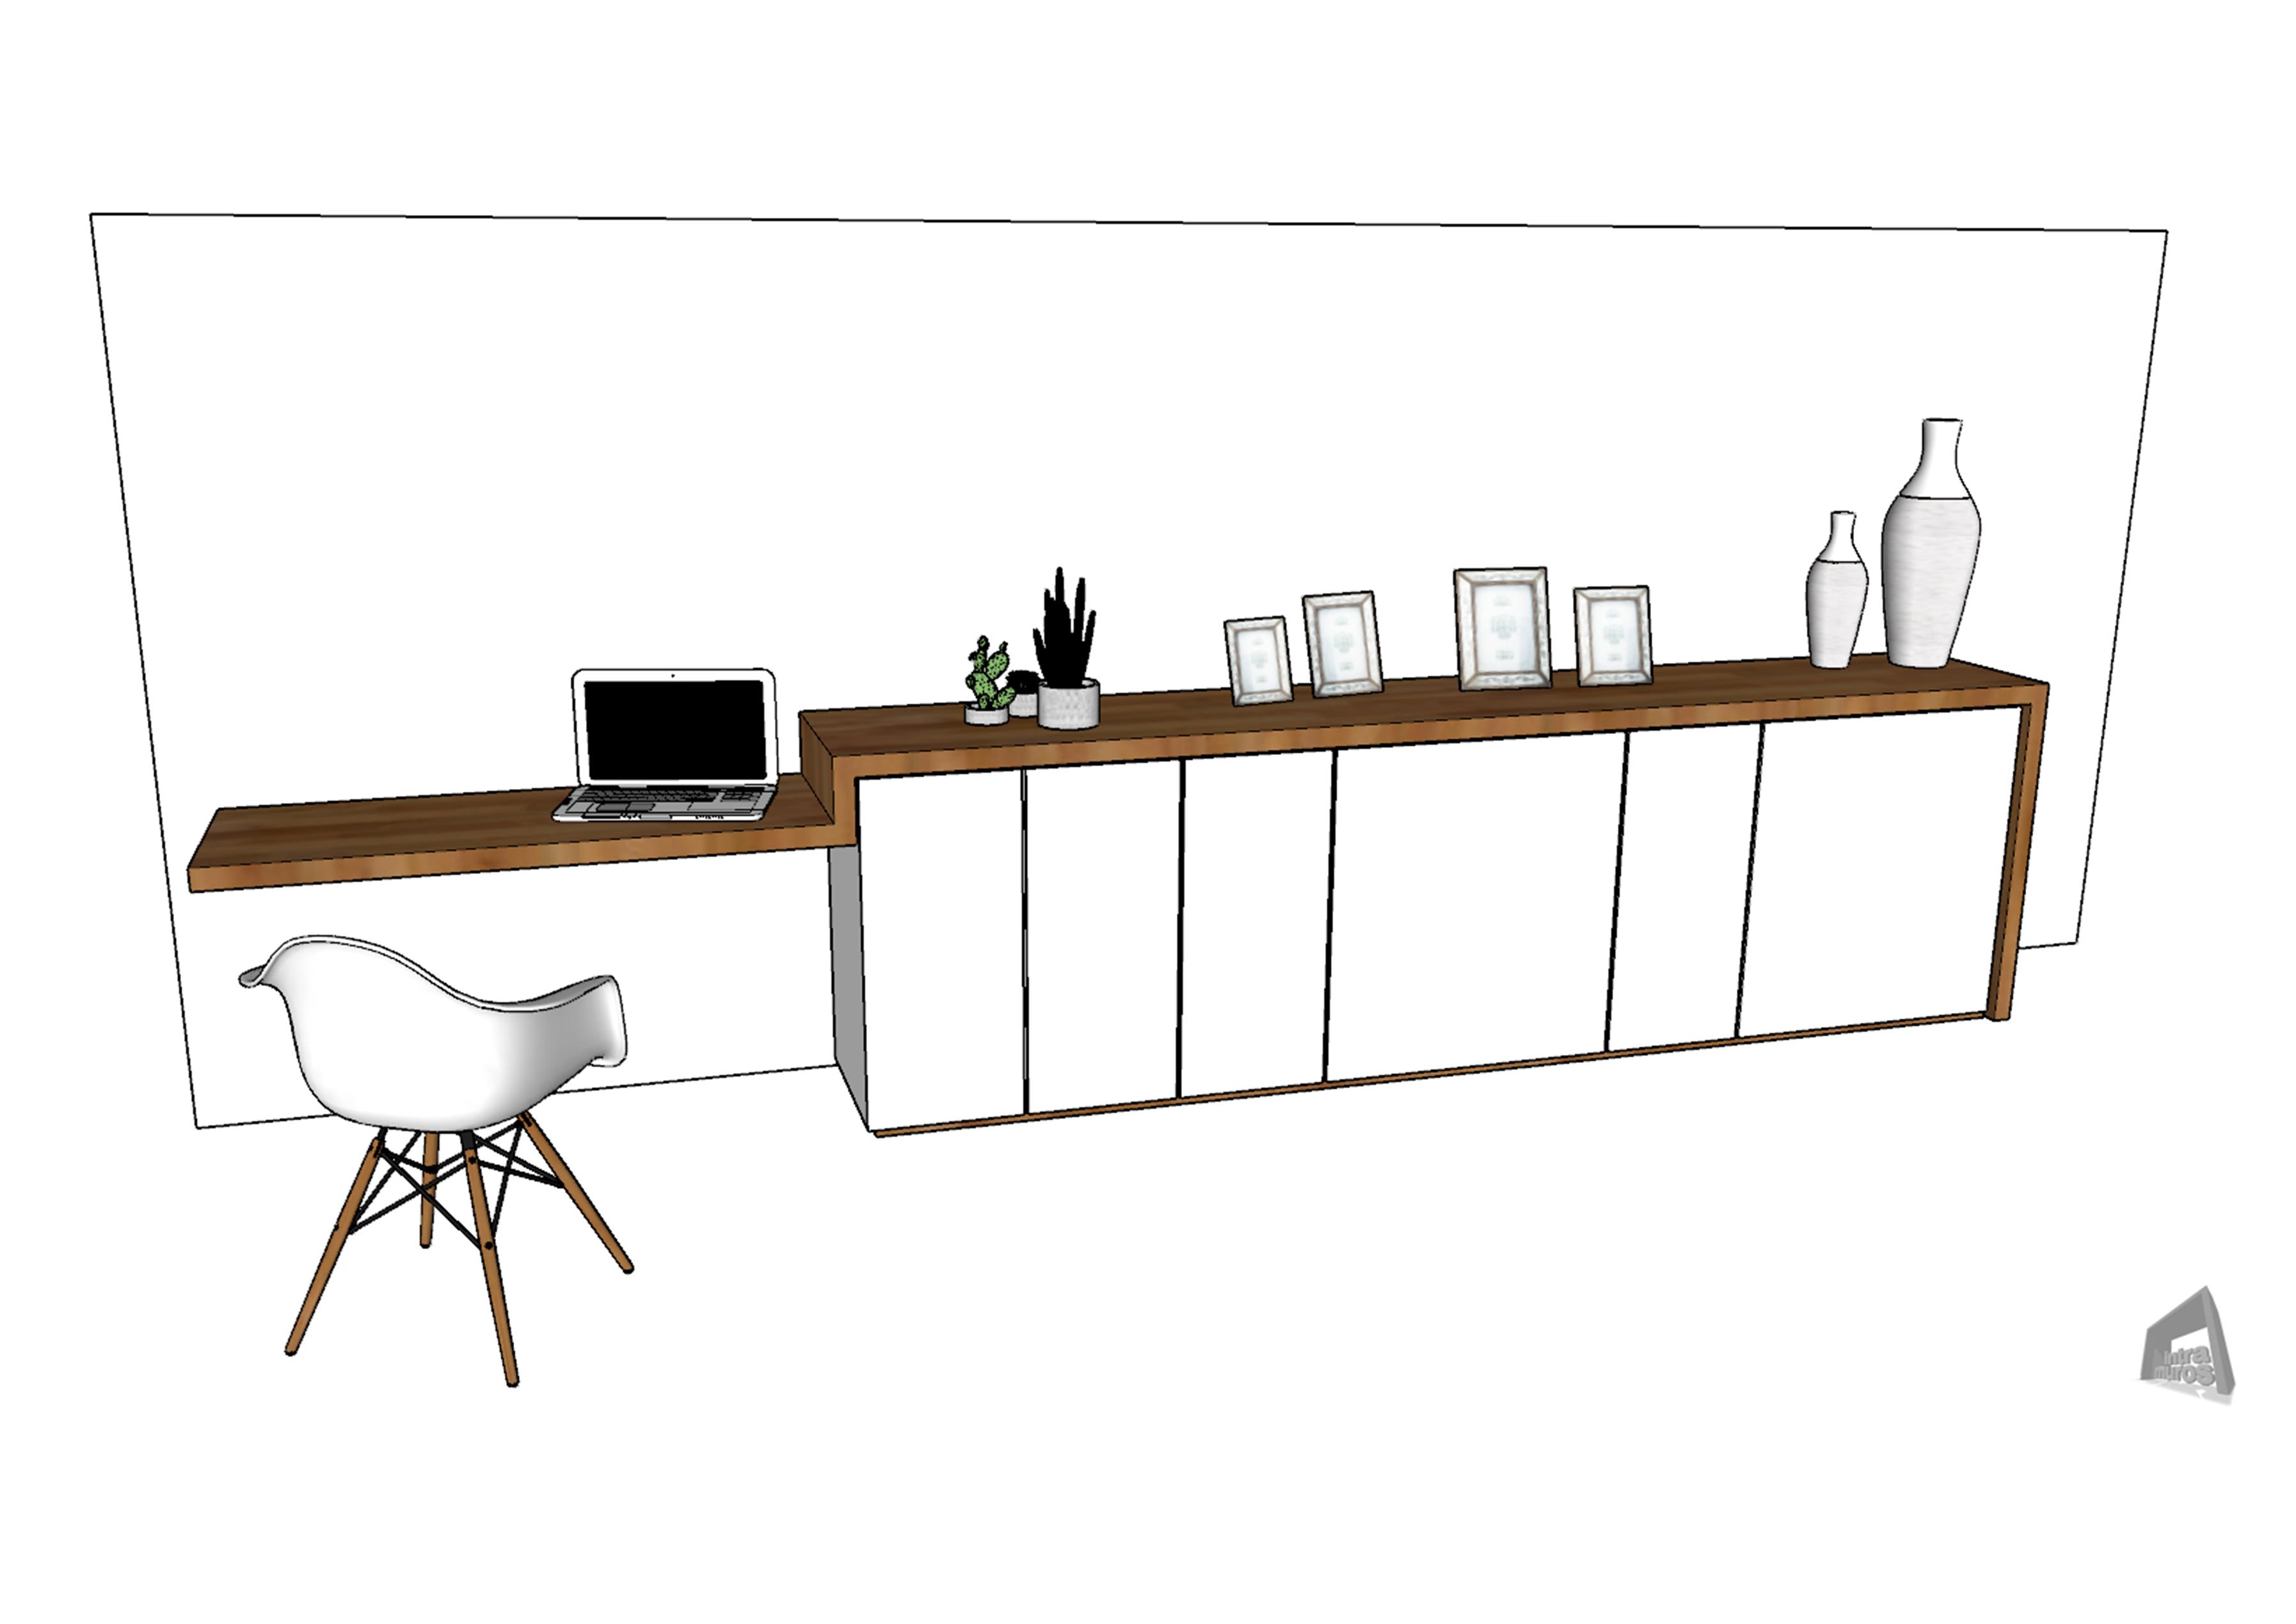 Décoratrice D Intérieur Rodez design de mobilier et de structures à toulouse, albi, rodez